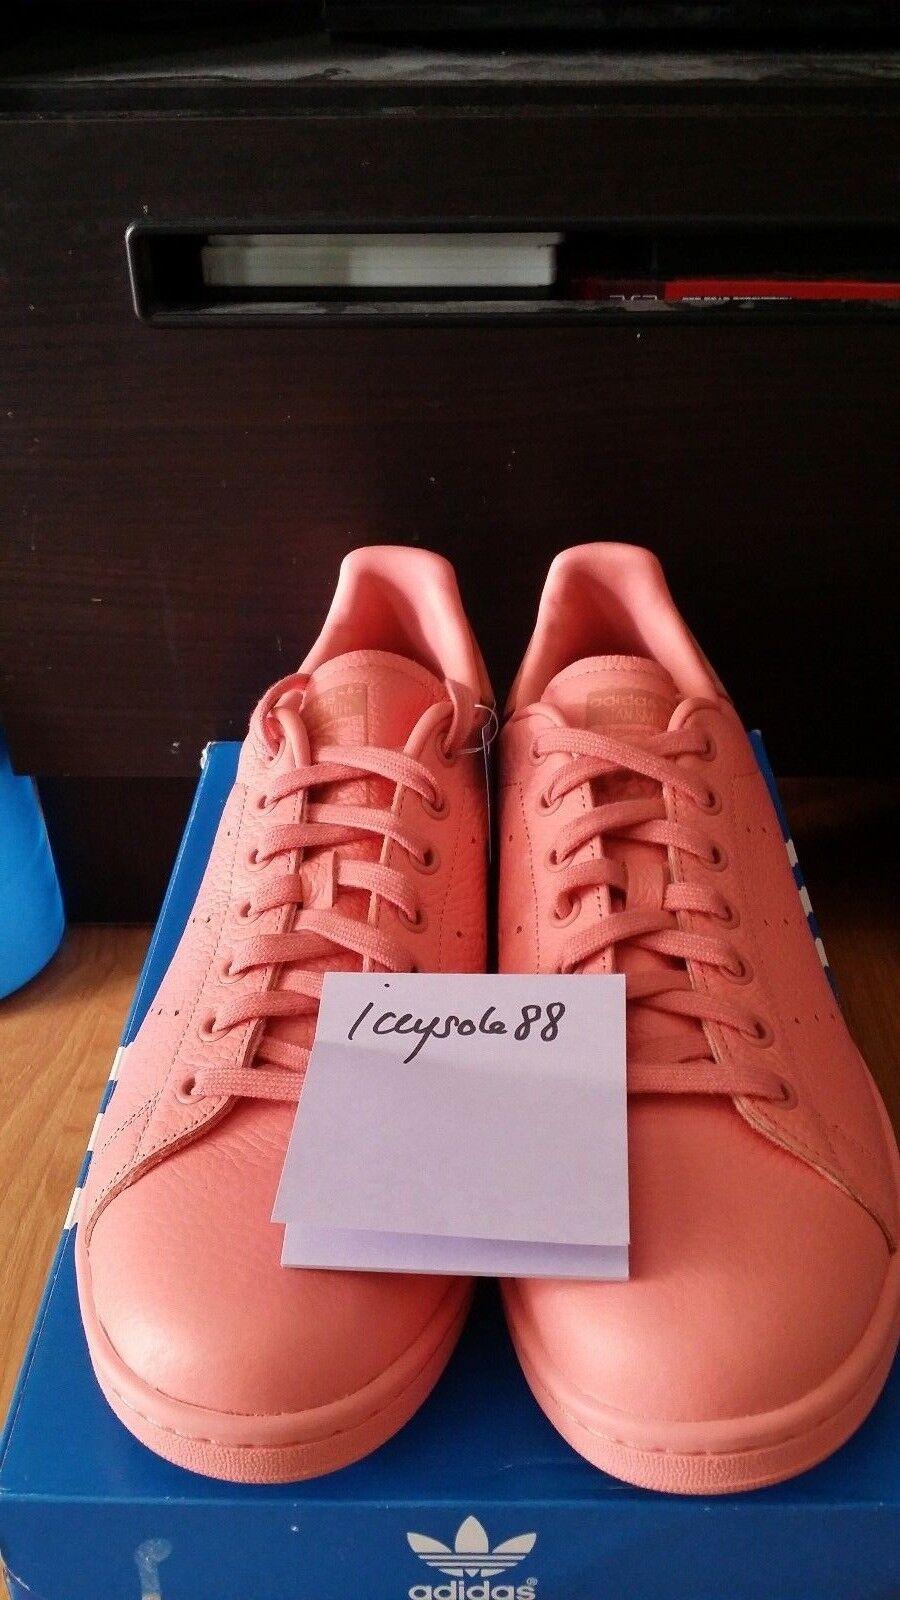 Adidas Originals Stan Smith cuero crudo rosa bajo rosa pastel bz0469 tenis bajo rosa 5edab2